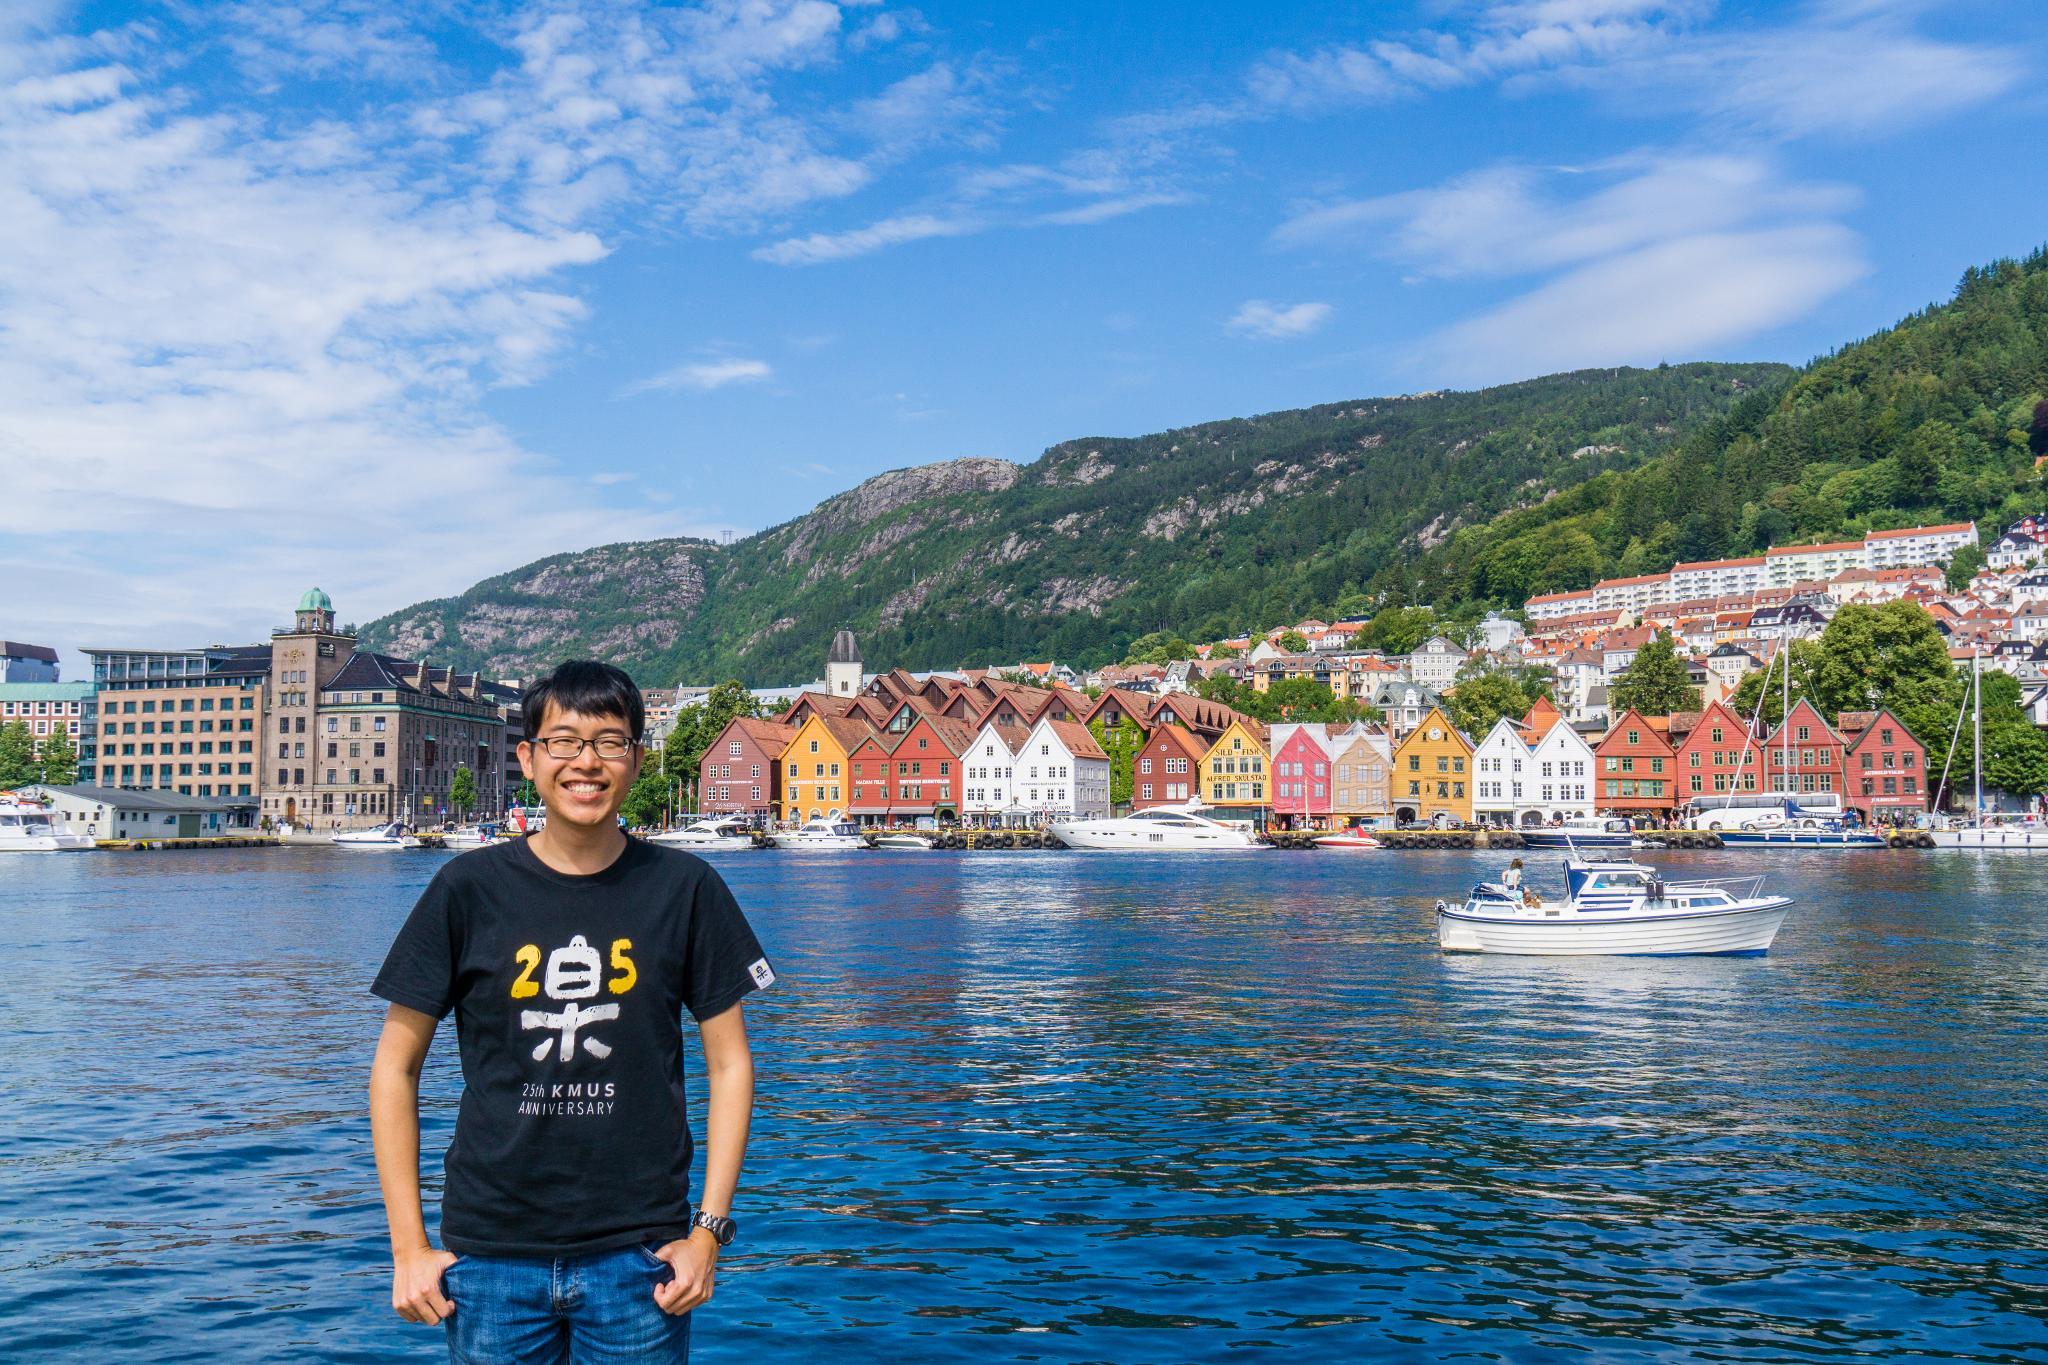 【卑爾根】Bryggen 世界遺產布呂根 — 迷失在百年歷史的挪威彩色木屋 35